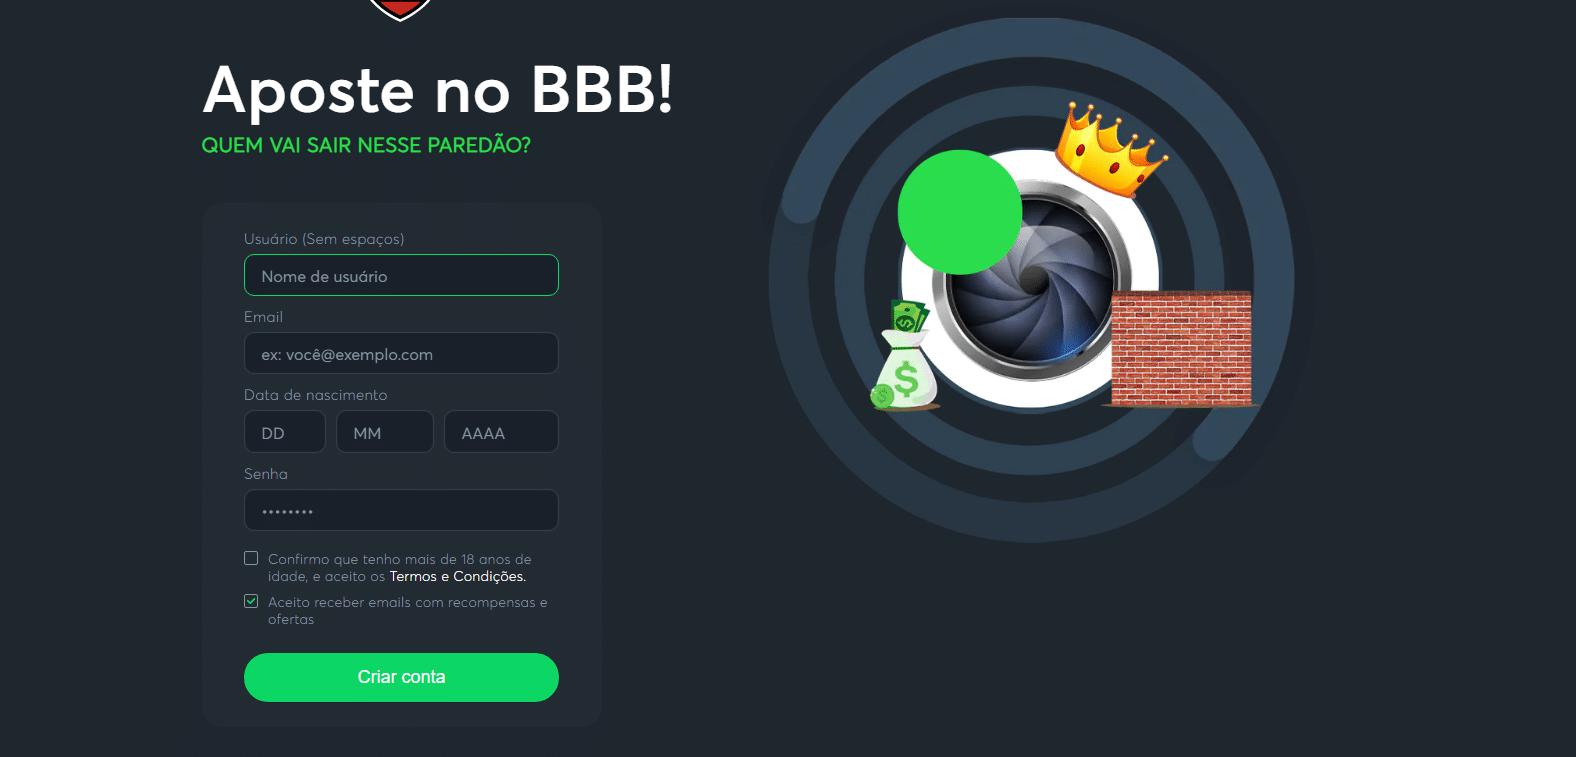 Enquete BBB - Captura de tela 1